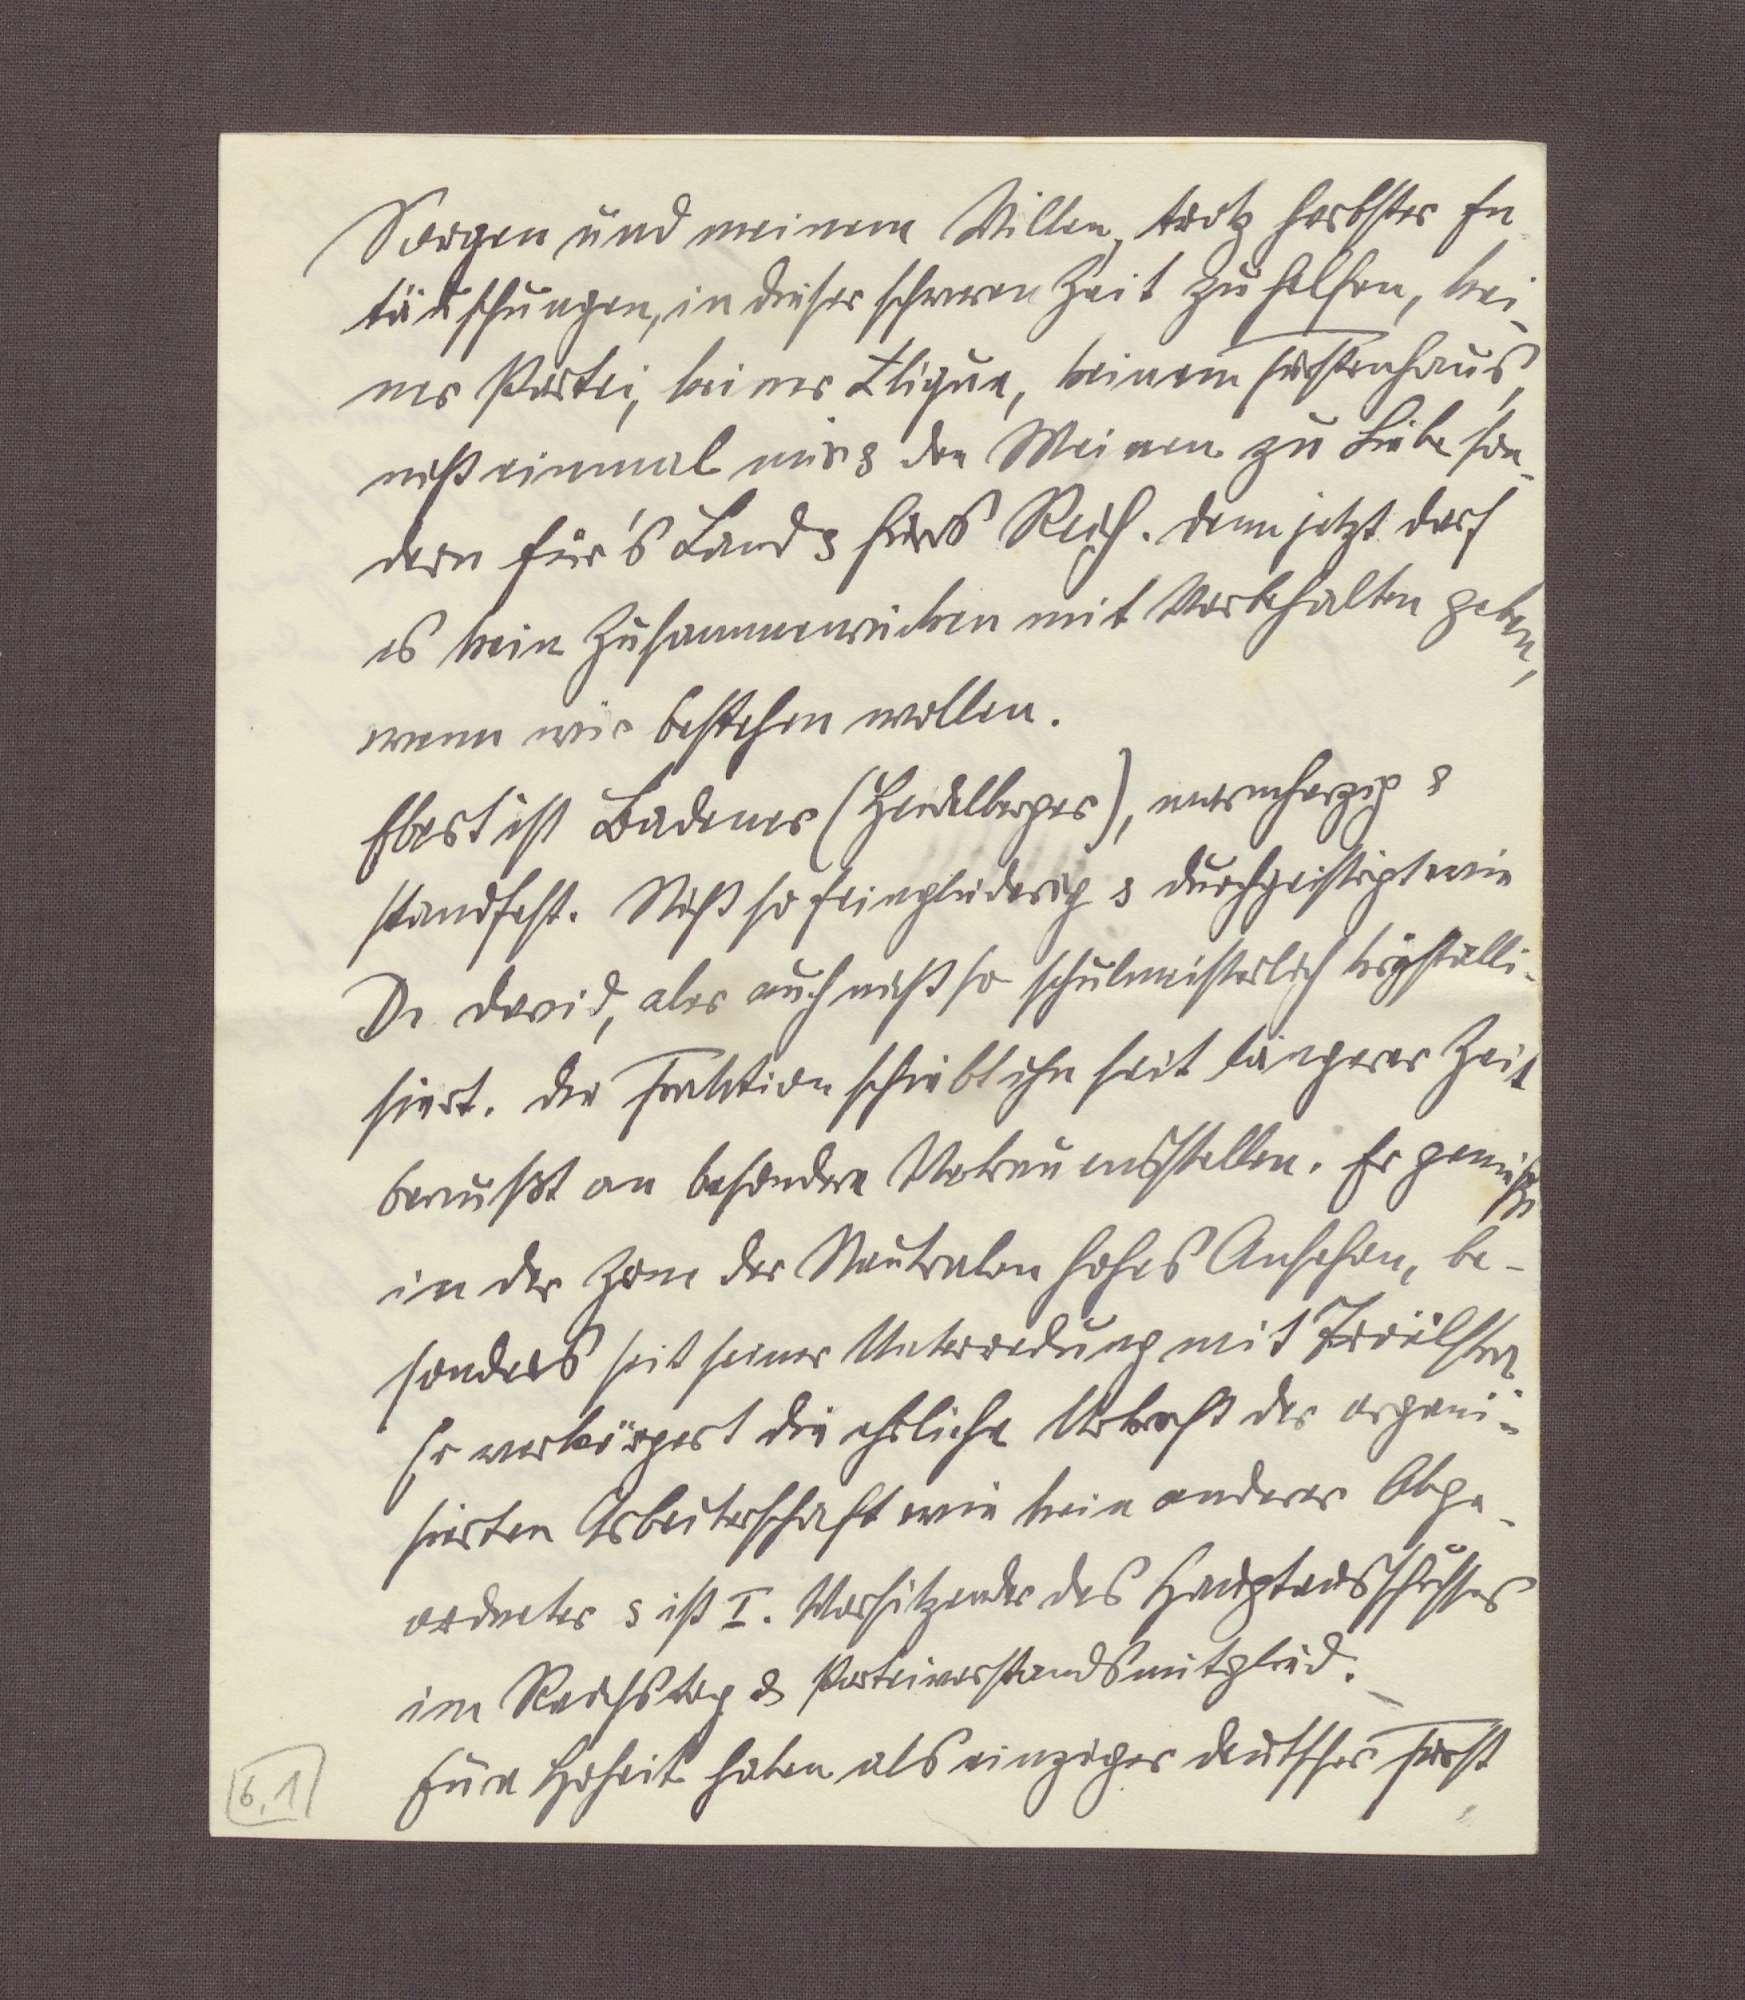 Schreiben von Anton Fendrich an Prinz Max von Baden; Verhältnis der Sozialdemokraten zu Prinz Max, Vorschlag eines Treffens mit Friedrich Ebert, Essener Rede Wilhelms II. [vor Krupp-Arbeitern, 11.9.], Bild 3